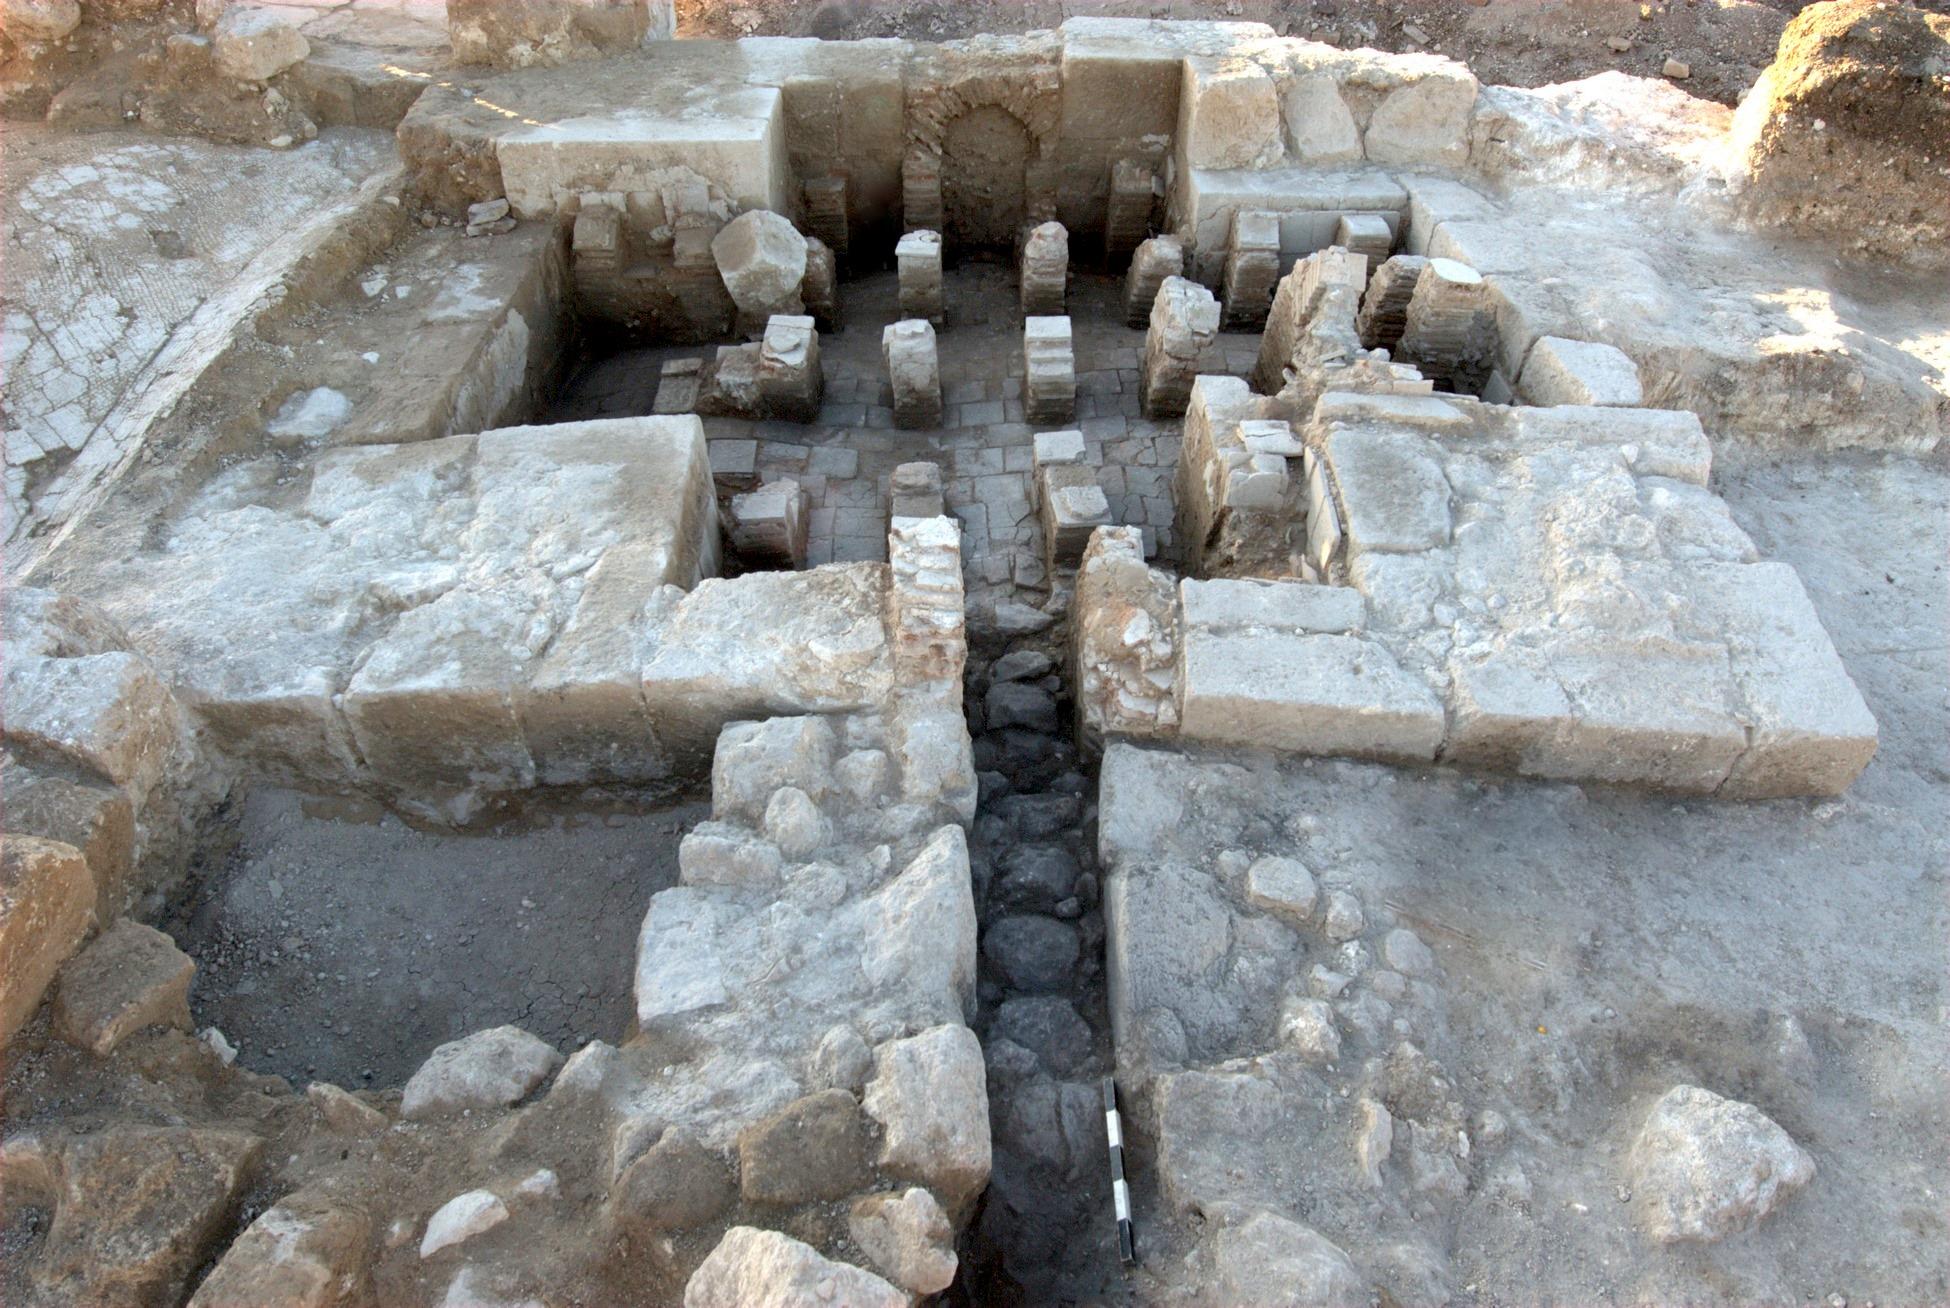 בית מרחץ בן 1600 שנה התגלה ליד מושב תרום שביהודה